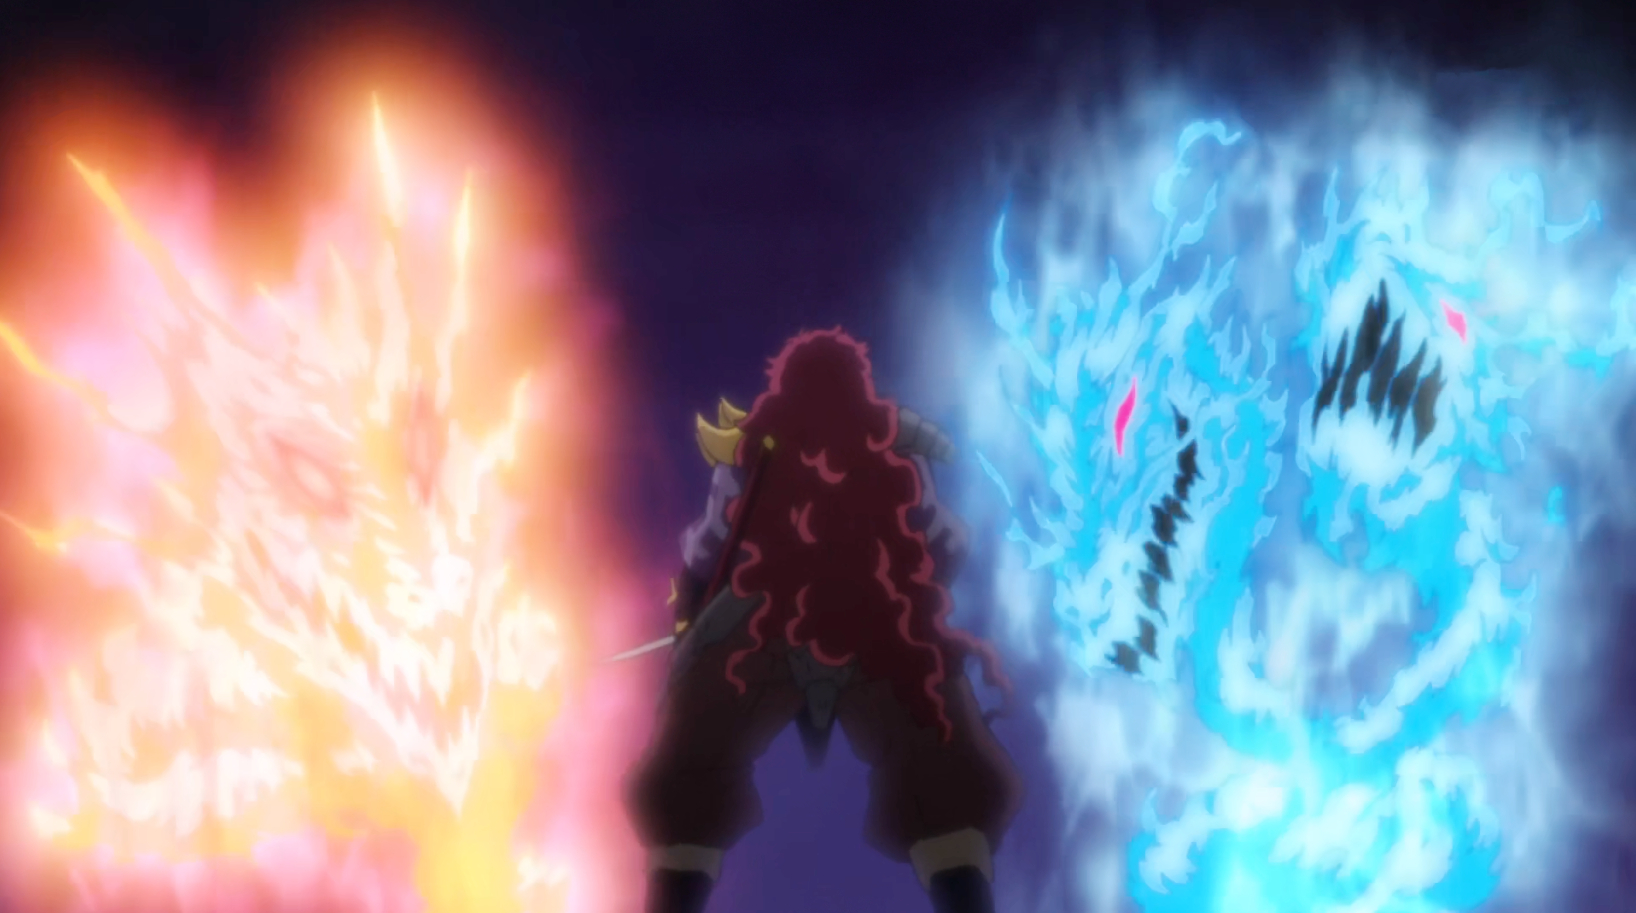 《半妖的夜叉姬》完結,剎那被麒麟丸殺死,永遠繼承「天生牙」